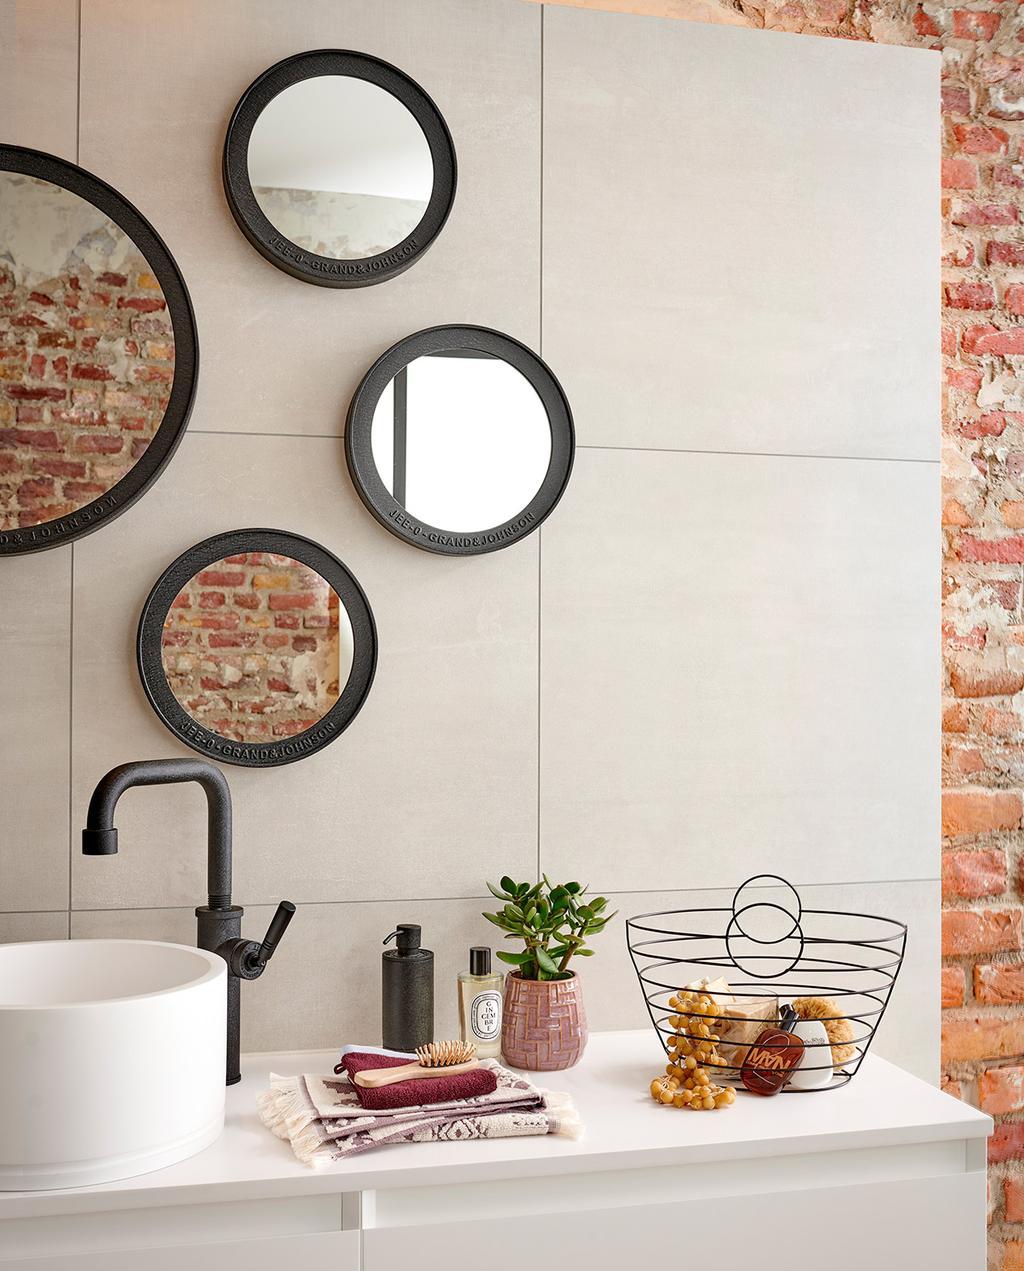 vtwonen special tiny houses | zwarte ronde spiegels in de badkamer op een grijze muur met een bakstenen muur ernaast